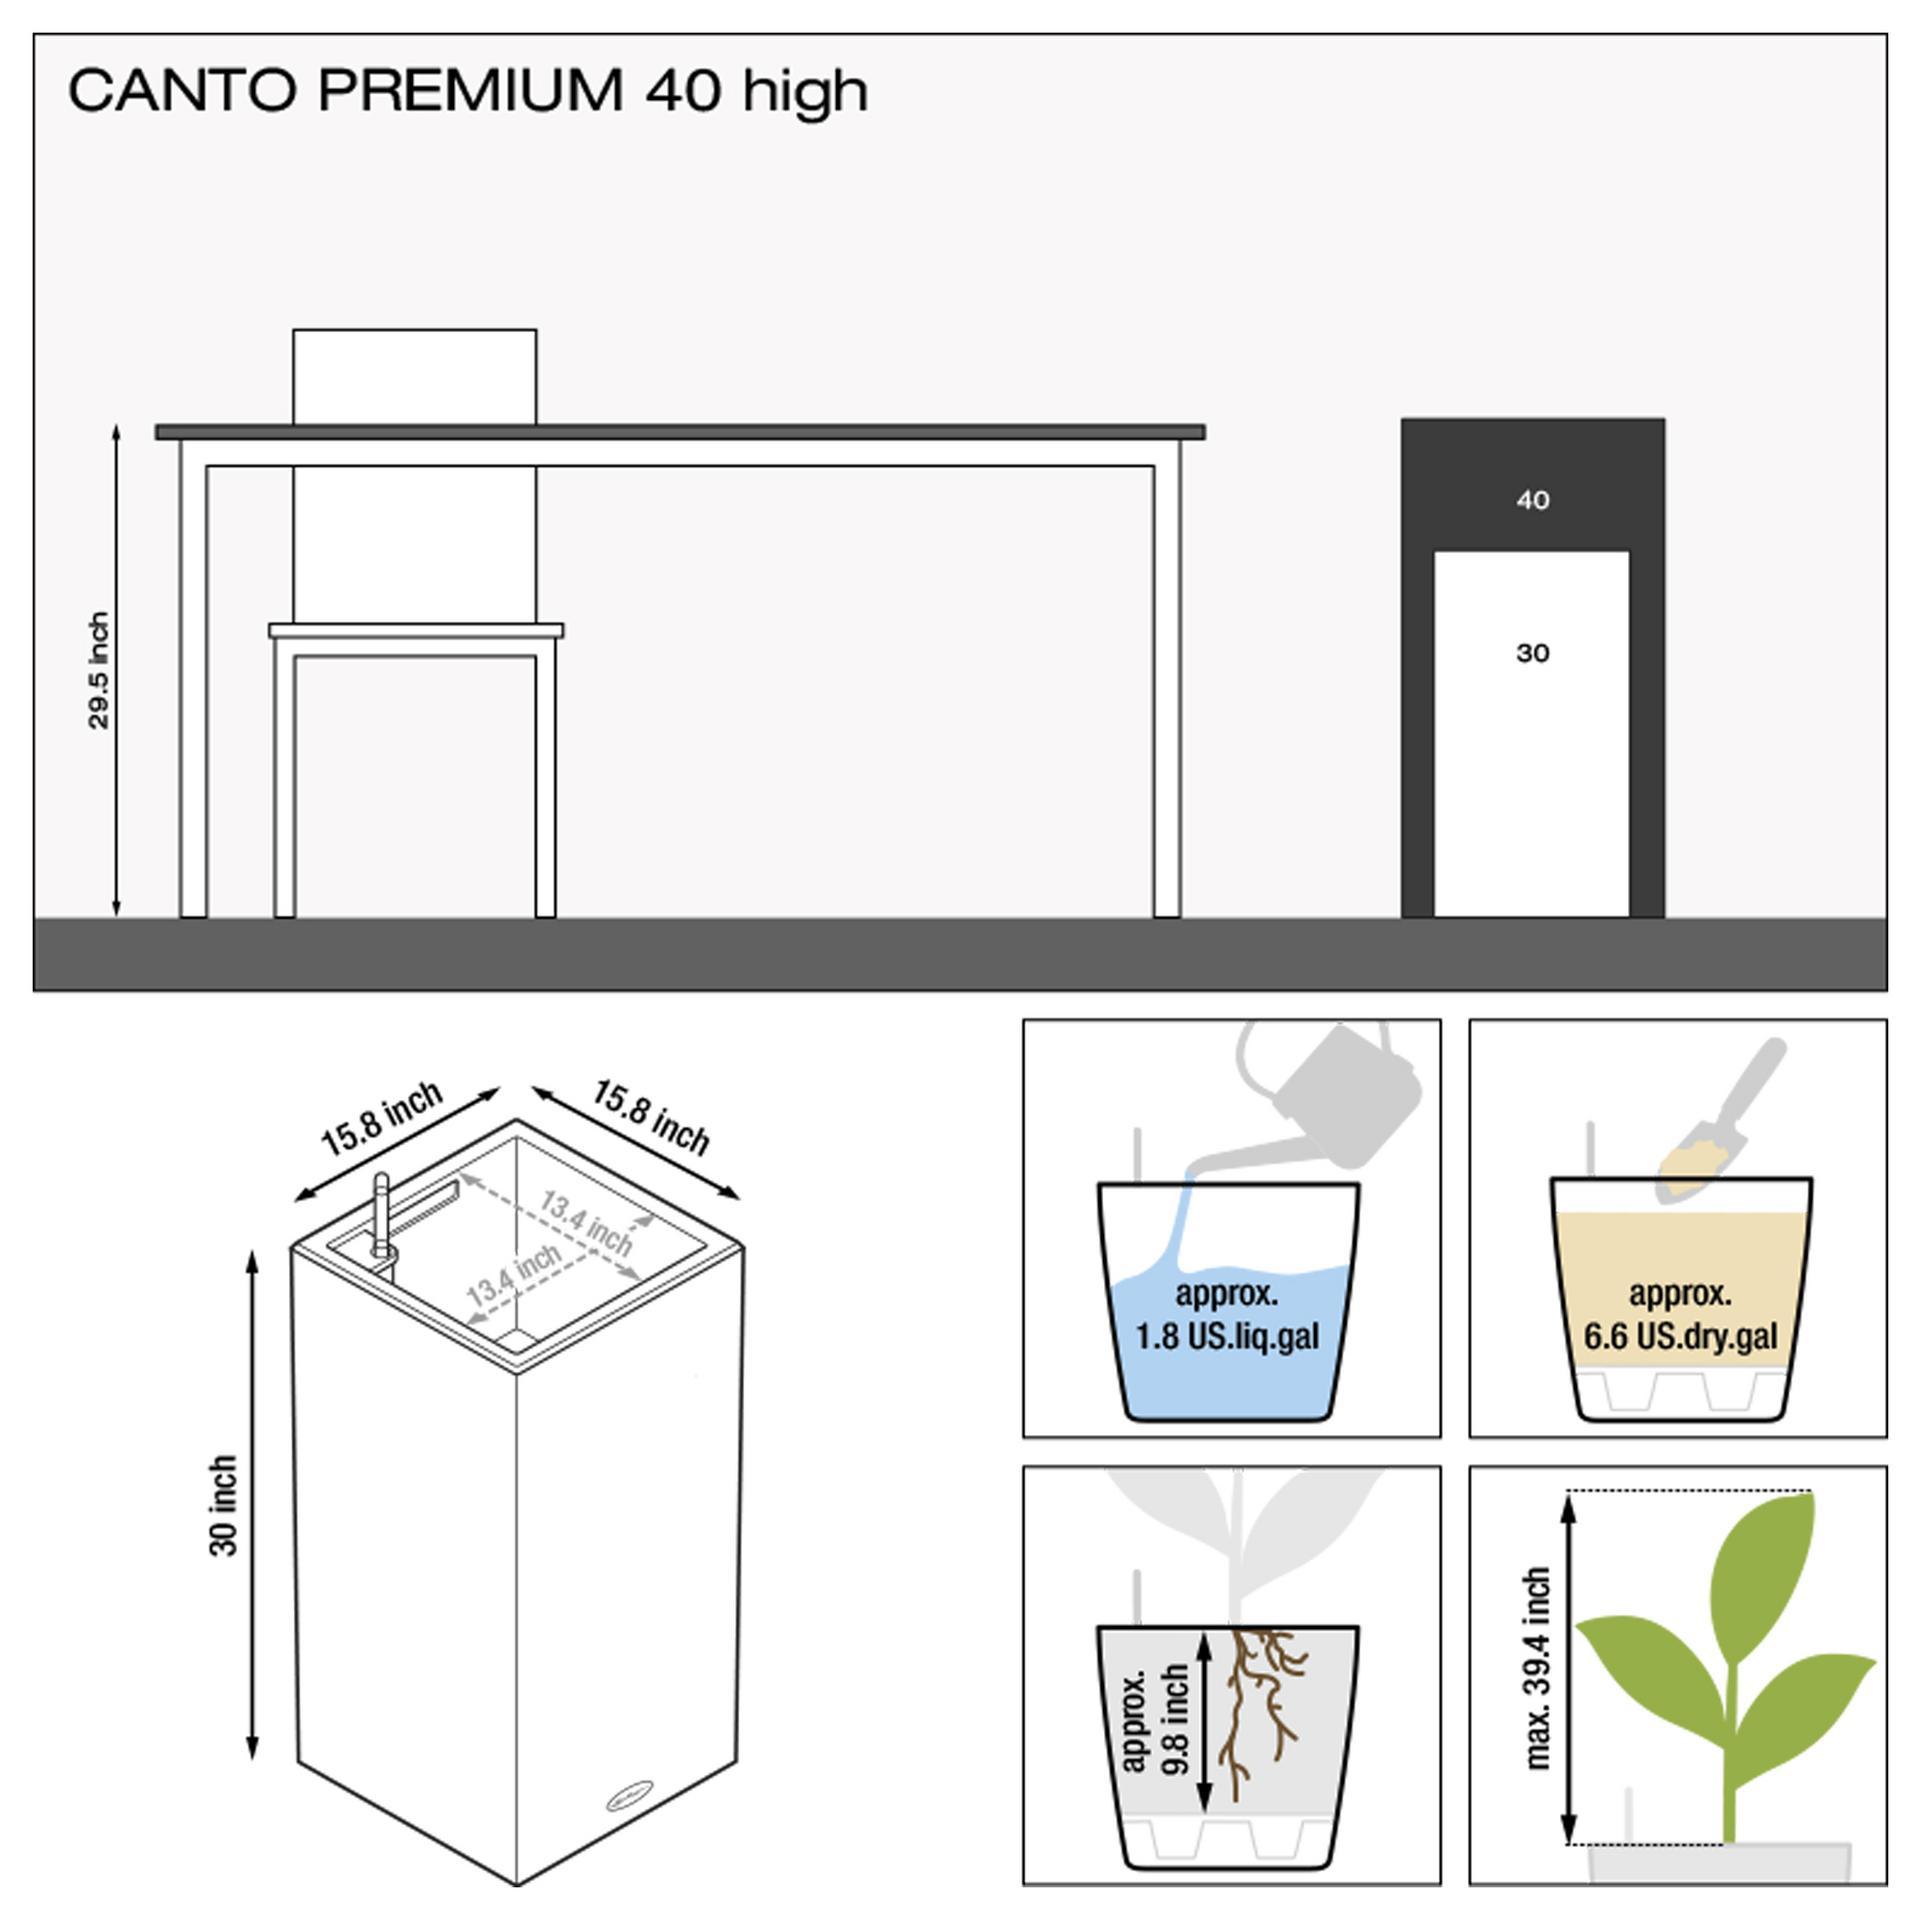 le_canto-saeule40_product_addi_nz_us